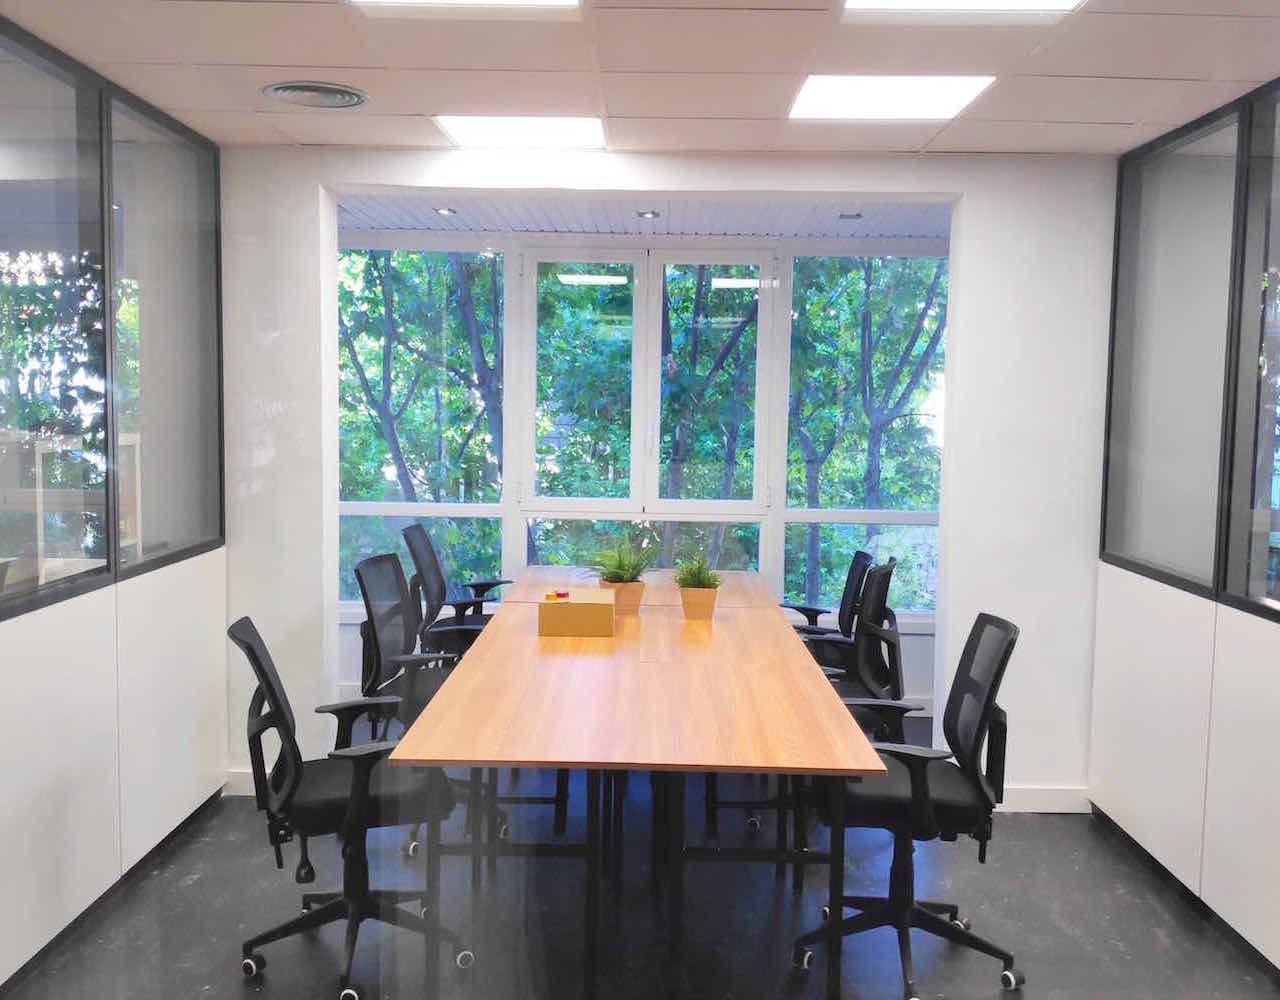 Oficina privada de seis personas en coworking